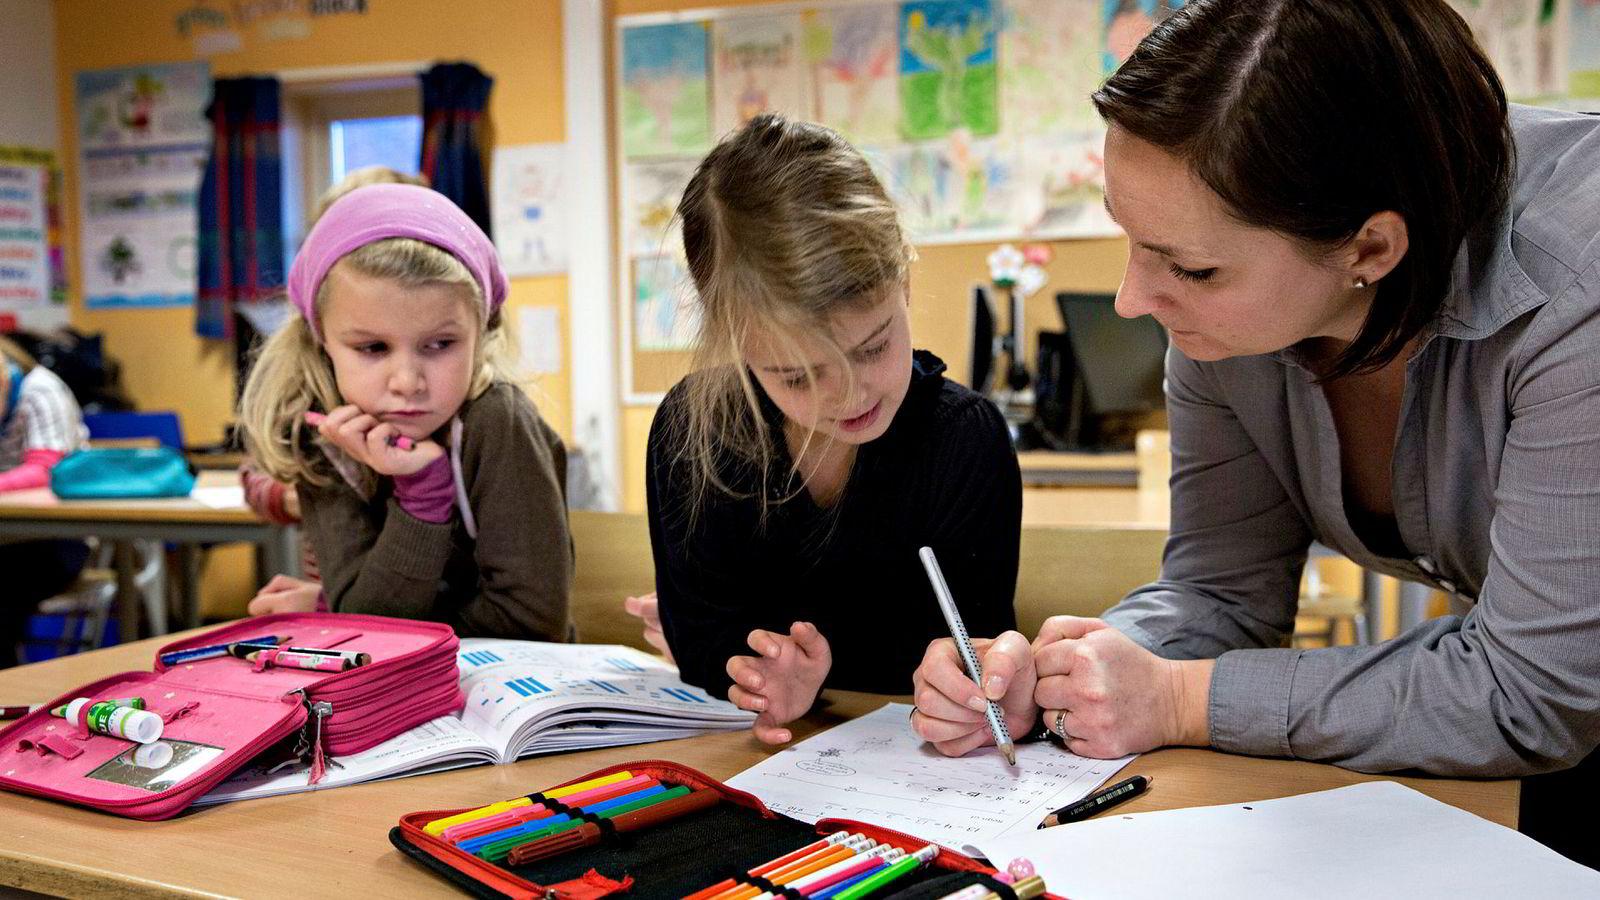 Høyre prioriterer det viktigste i skolen: en skole som gir alle elever like muligheter til å lykkes, skriver statsminister Erna Solberg.